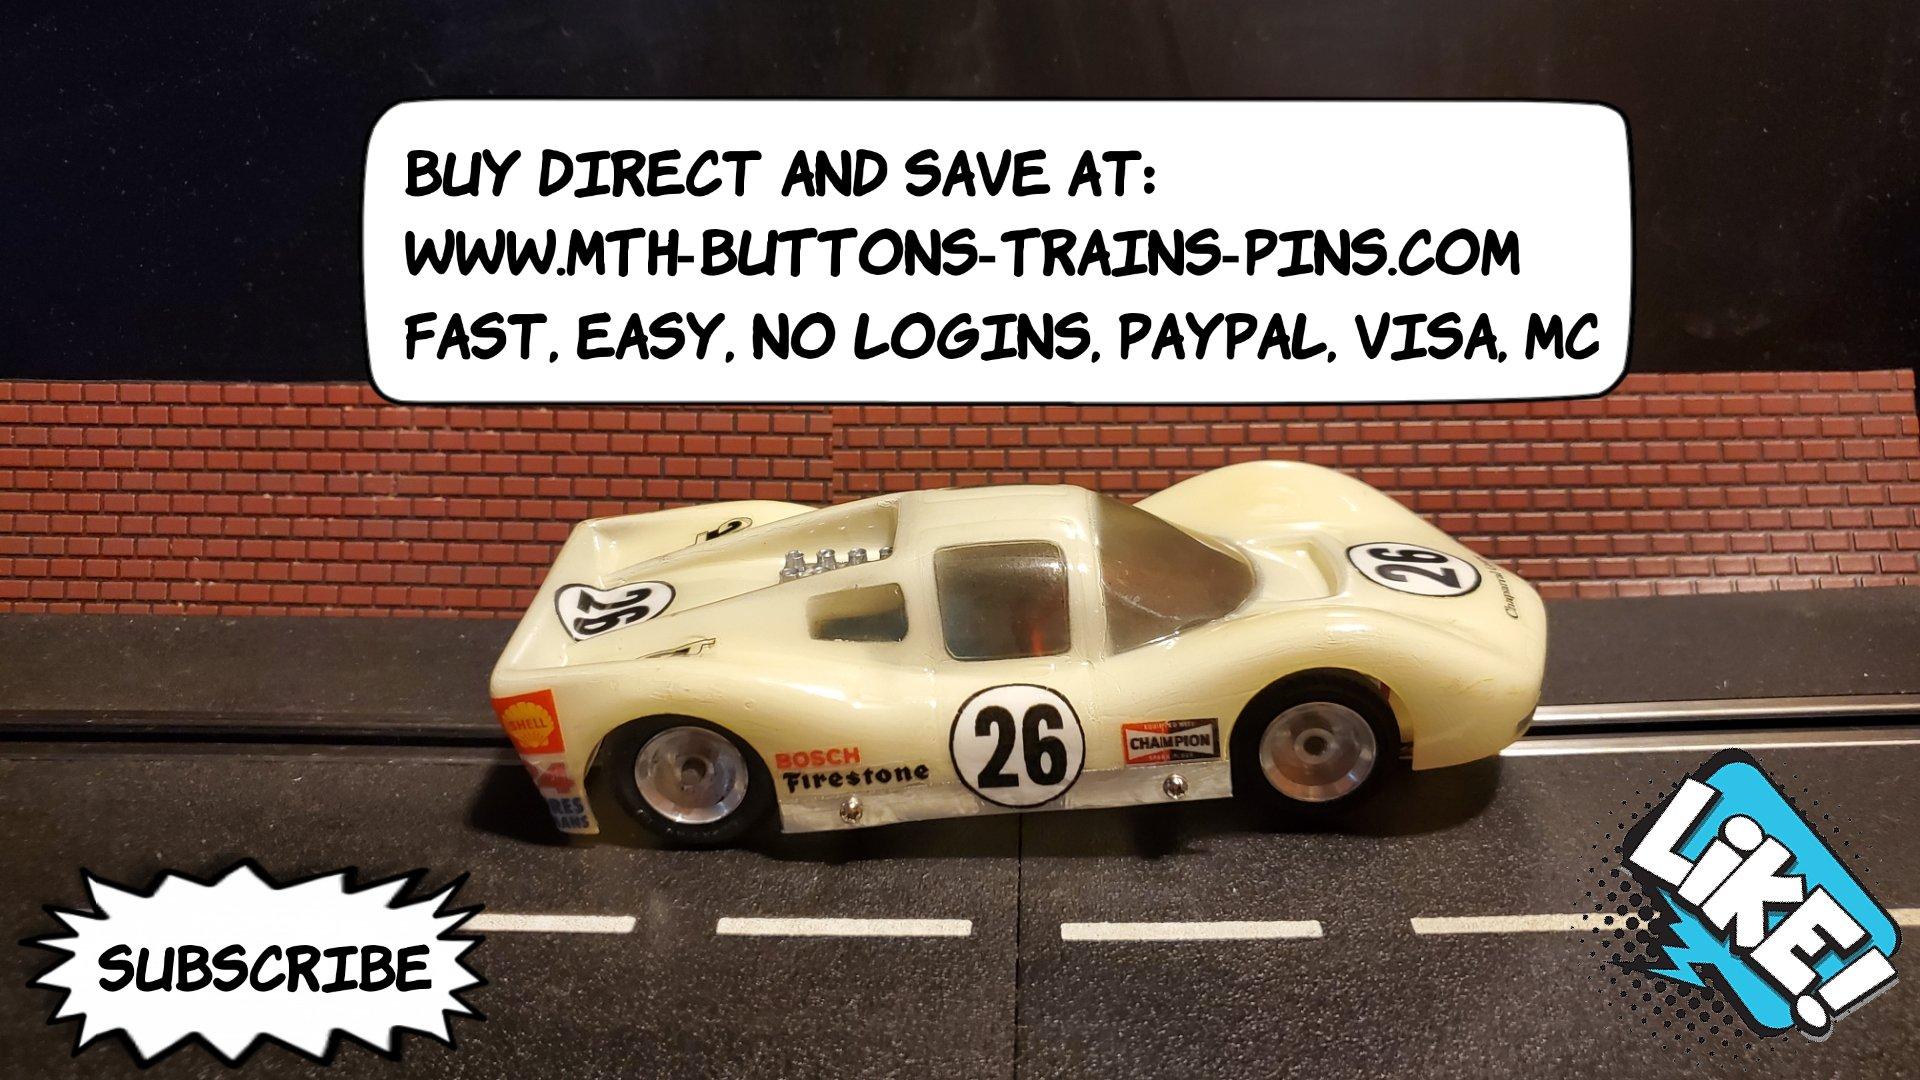 COX Chaparral 2D Coupe Slot Car Jim Hall Prototype LeMans Racer 1/24 Scale